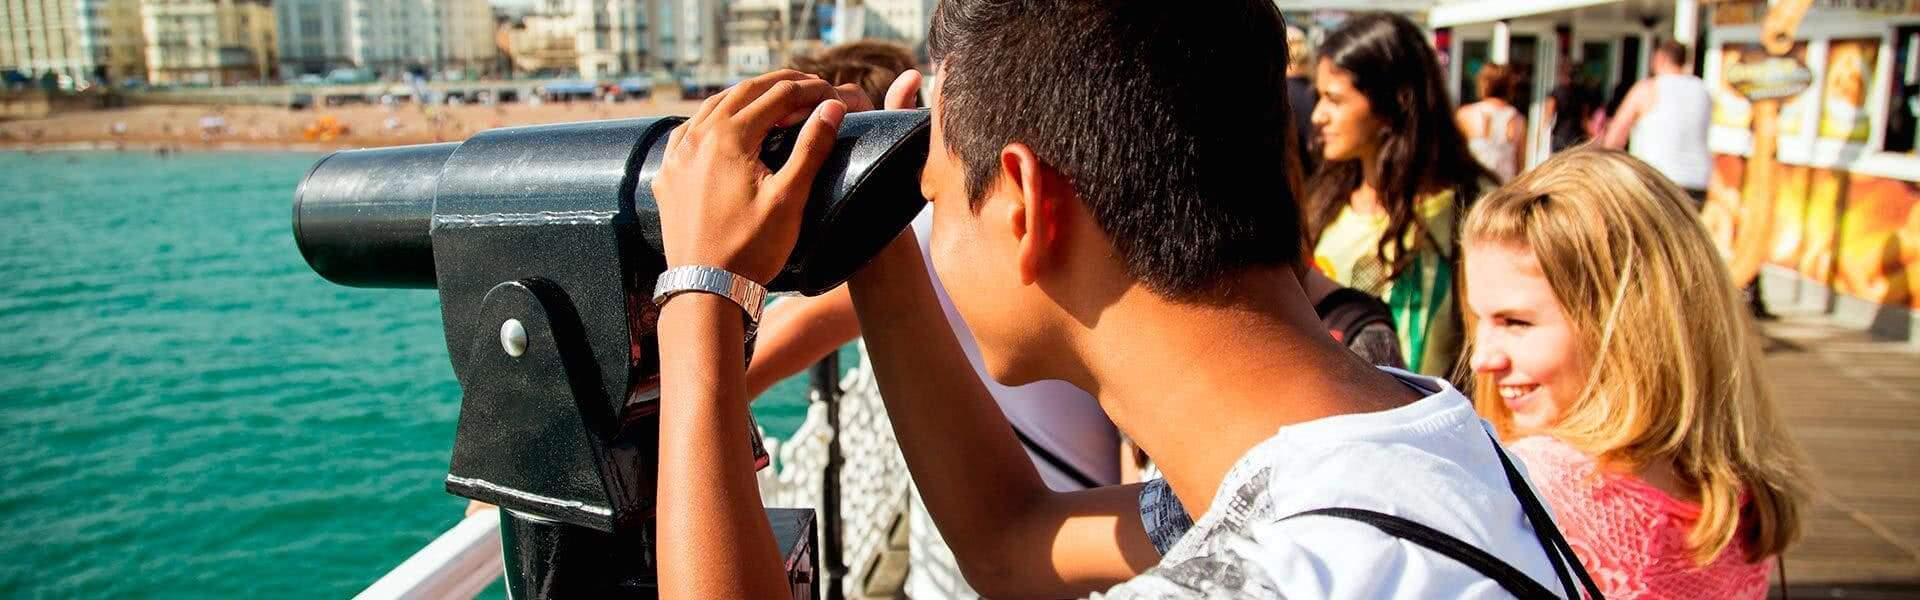 cursos de ingles en el extranjero para jovenes